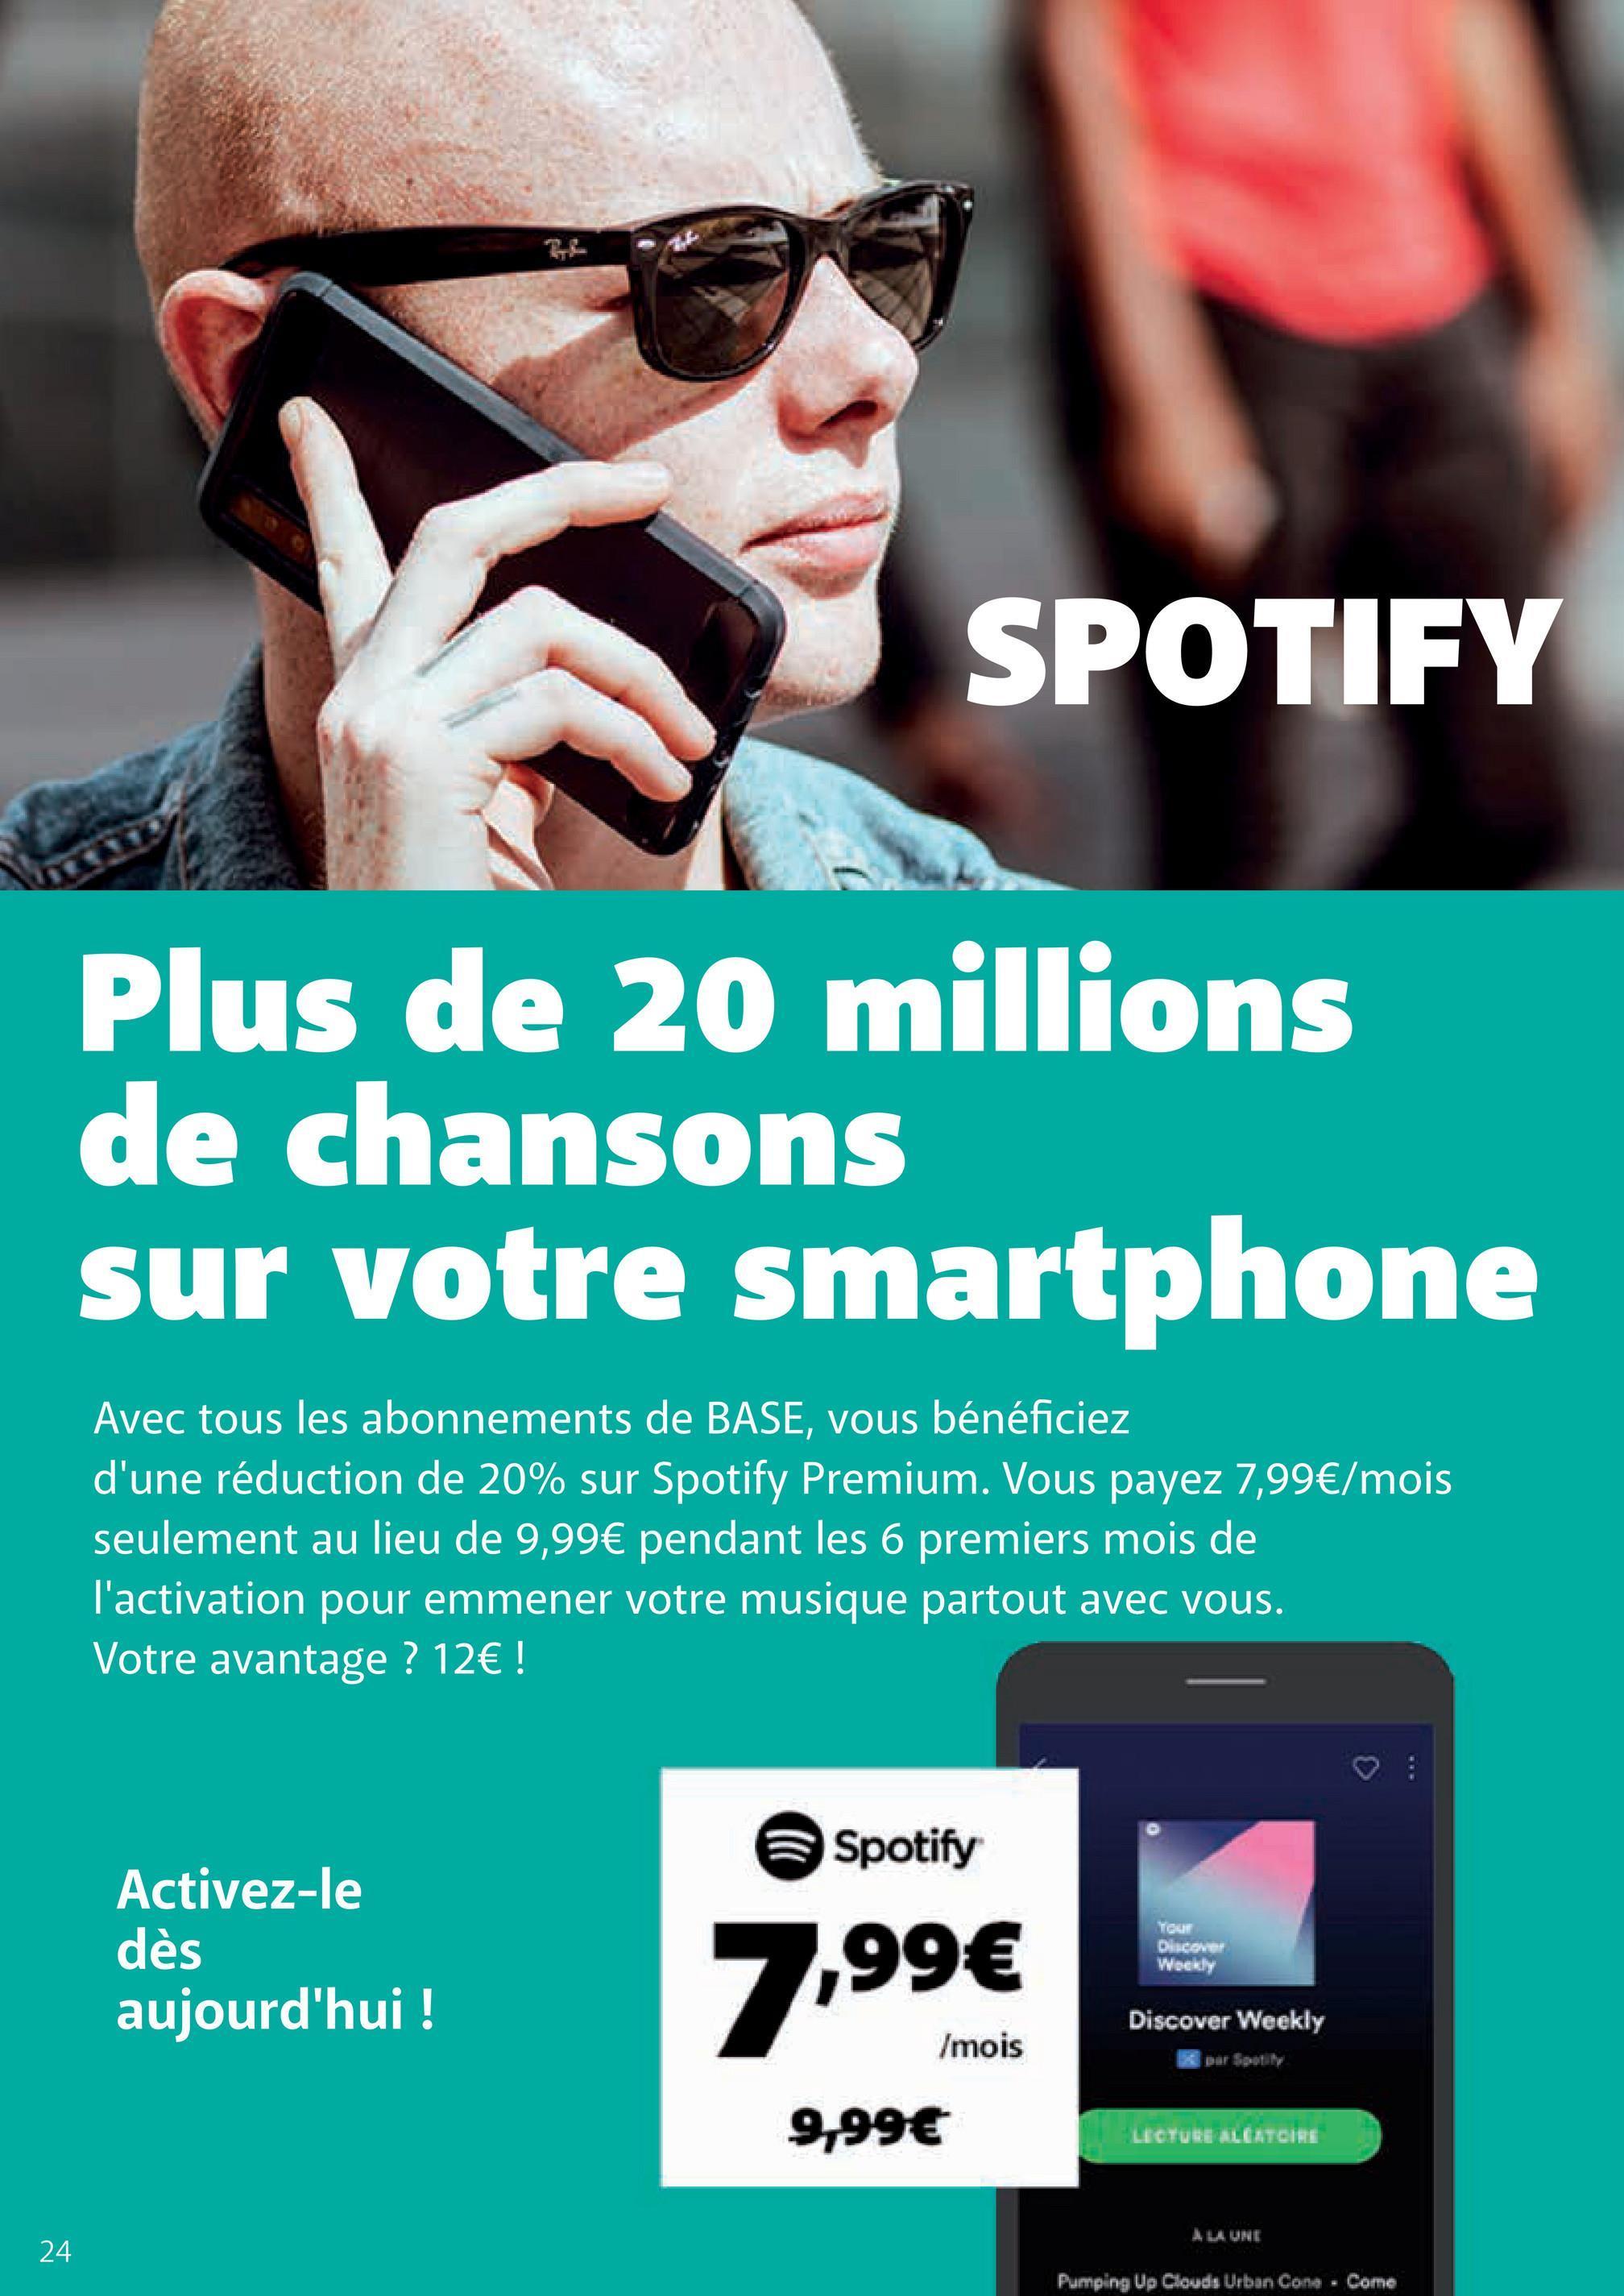 SPOTIFY Plus de 20 millions de chansons sur votre smartphone Avec tous les abonnements de BASE, vous bénéficiez d'une réduction de 20% sur Spotify Premium. Vous payez 7,99€/mois seulement au lieu de 9,99€ pendant les 6 premiers mois de l'activation pour emmener votre musique partout avec vous. Votre avantage ? 12€ ! Spotify Activez-le YOU dès 7,99€ Weekly aujourd'hui ! Discover Weekly /mois 9,99€ LECTURE LEATOIRE A LA UNE 24 Pumping Up Clouds Urban Cone. Come